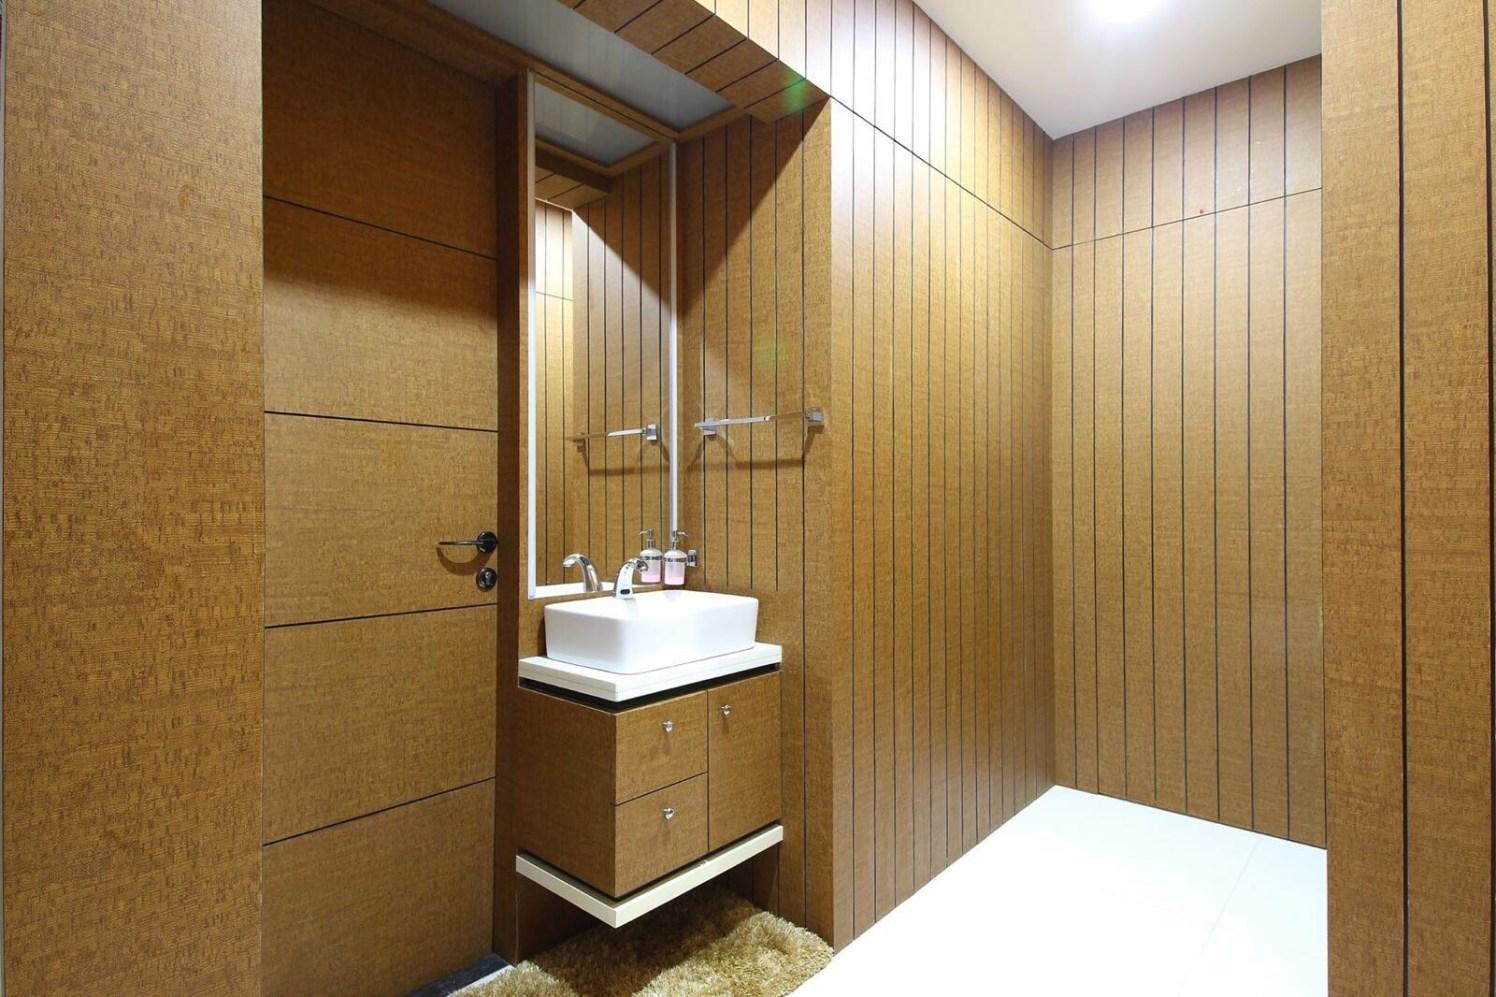 Wooden Themed Bathroom With Marble Flooring by Anshuma Vaidya Bora Bathroom Modern | Interior Design Photos & Ideas